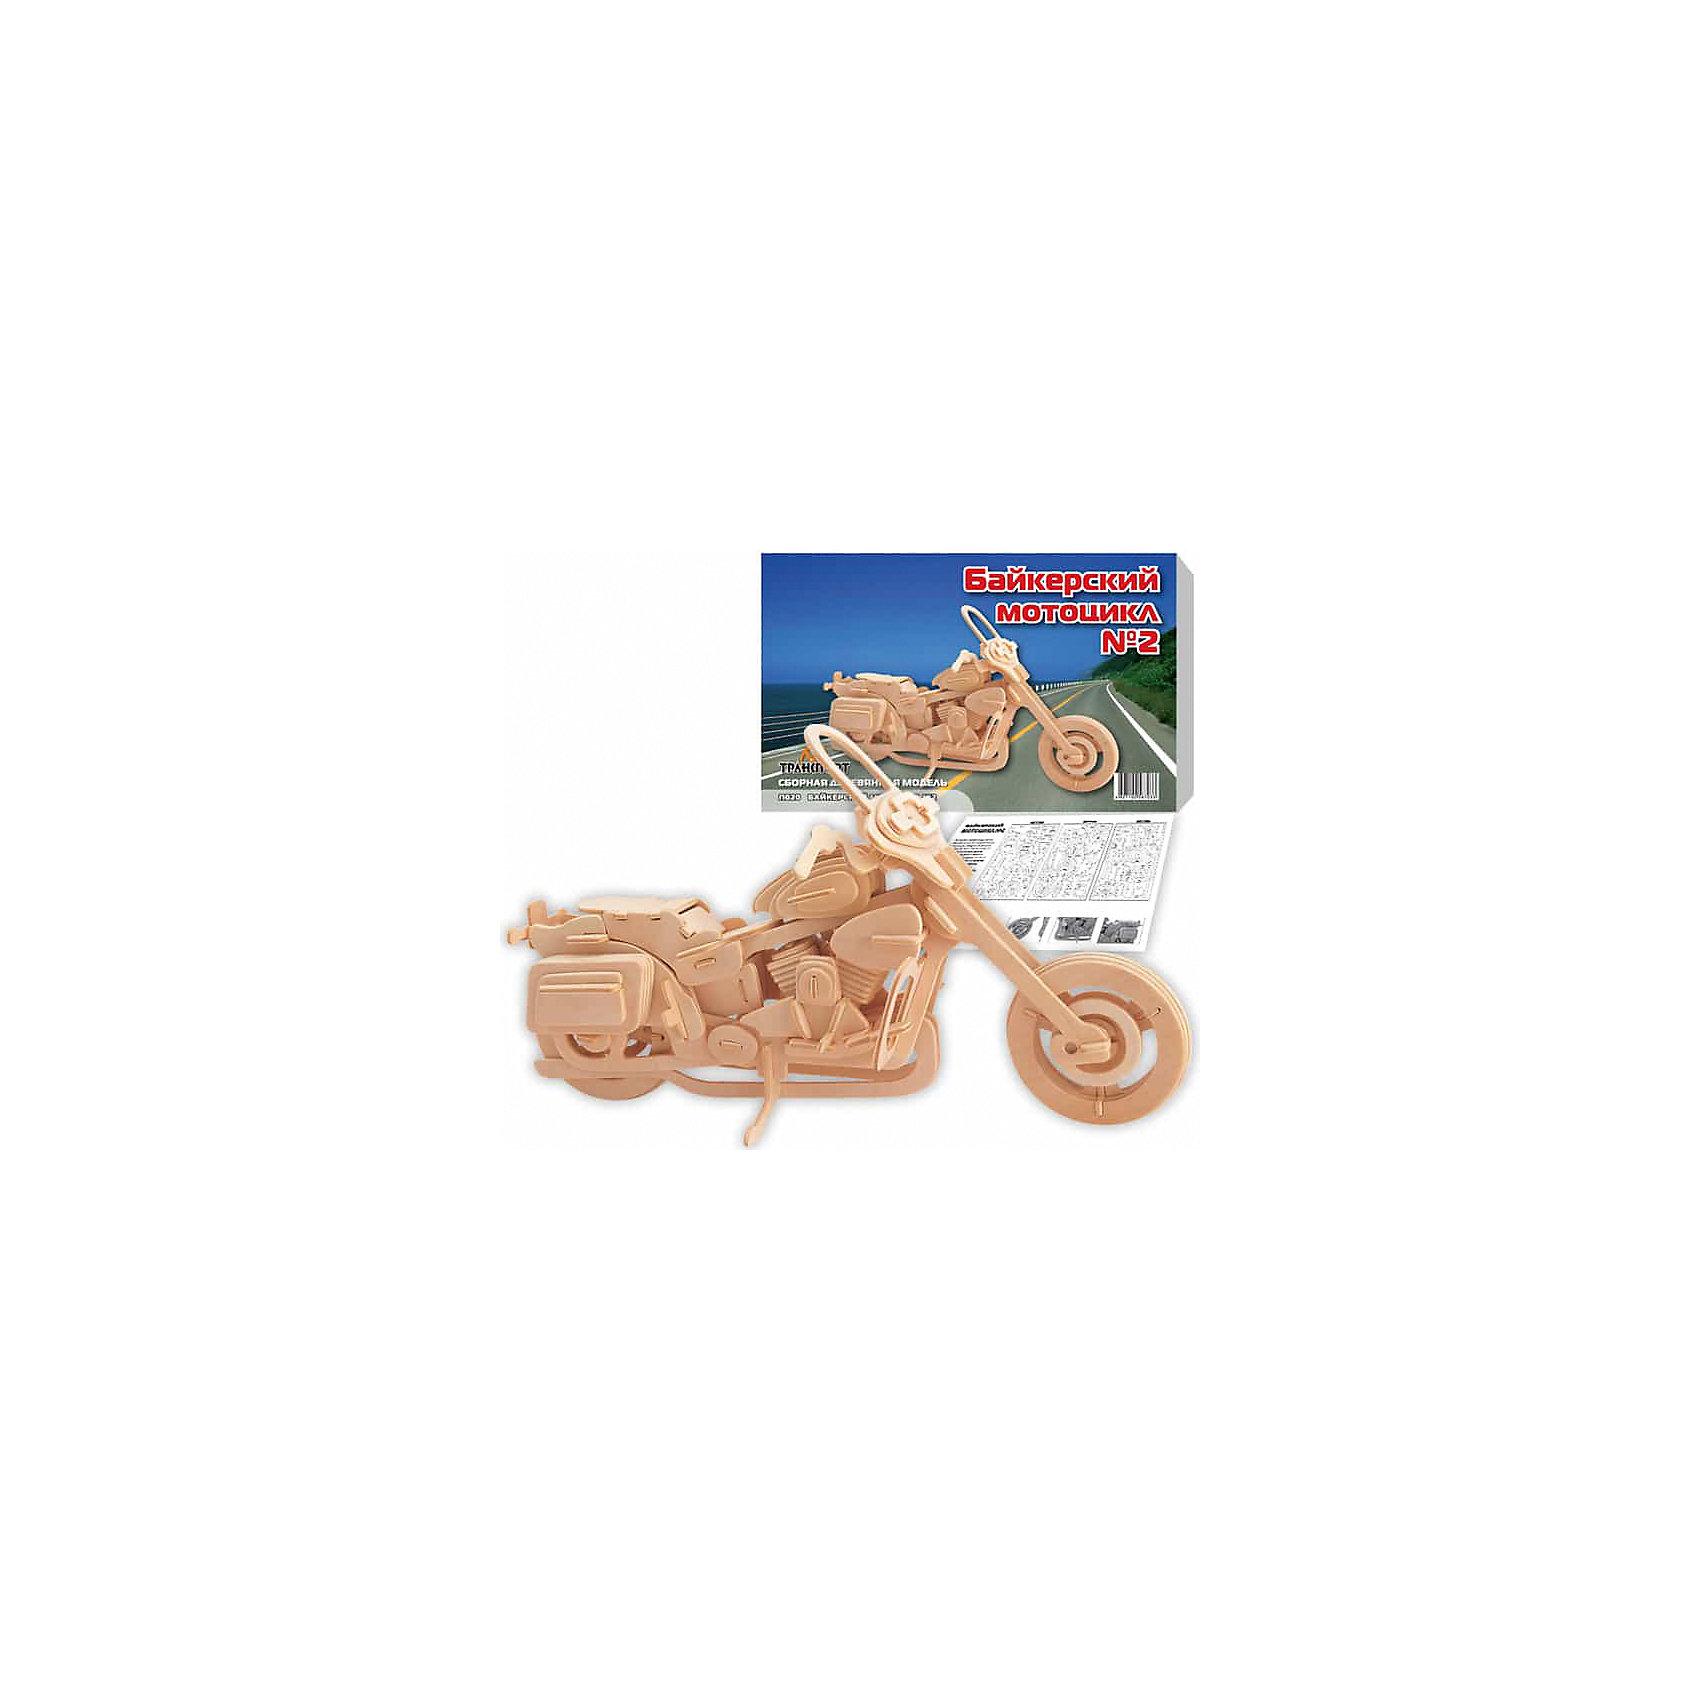 Байкерский мотоцикл 2, Мир деревянных игрушекПорадовать любящего технику творческого ребенка - легко! Подарите ему этот набор, из которого можно самому сделать красивую деревянную фигуру. Для этого нужно выдавить из пластины с деталями элементы для сборки и соединить их. Из наборов получаются красивые очень реалистичные игрушки, которые могут стать украшением комнаты.<br>Собирая их, ребенок будет развивать пространственное мышление, память и мелкую моторику. А раскрашивая готовое произведение, дети научатся подбирать цвета и будут развивать художественные навыки. Этот набор произведен из качественных и безопасных для детей материалов - дерево тщательно обработано.<br><br>Дополнительная информация:<br><br>материал: дерево;<br>цвет: бежевый;<br>элементы: пластины с деталями для сборки, схема сборки;<br>размер упаковки: 23 х 37 см.<br><br>3D-пазл Байкерский мотоцикл 2 от бренда Мир деревянных игрушек можно купить в нашем магазине.<br><br>Ширина мм: 350<br>Глубина мм: 50<br>Высота мм: 225<br>Вес г: 450<br>Возраст от месяцев: 36<br>Возраст до месяцев: 144<br>Пол: Унисекс<br>Возраст: Детский<br>SKU: 4969105